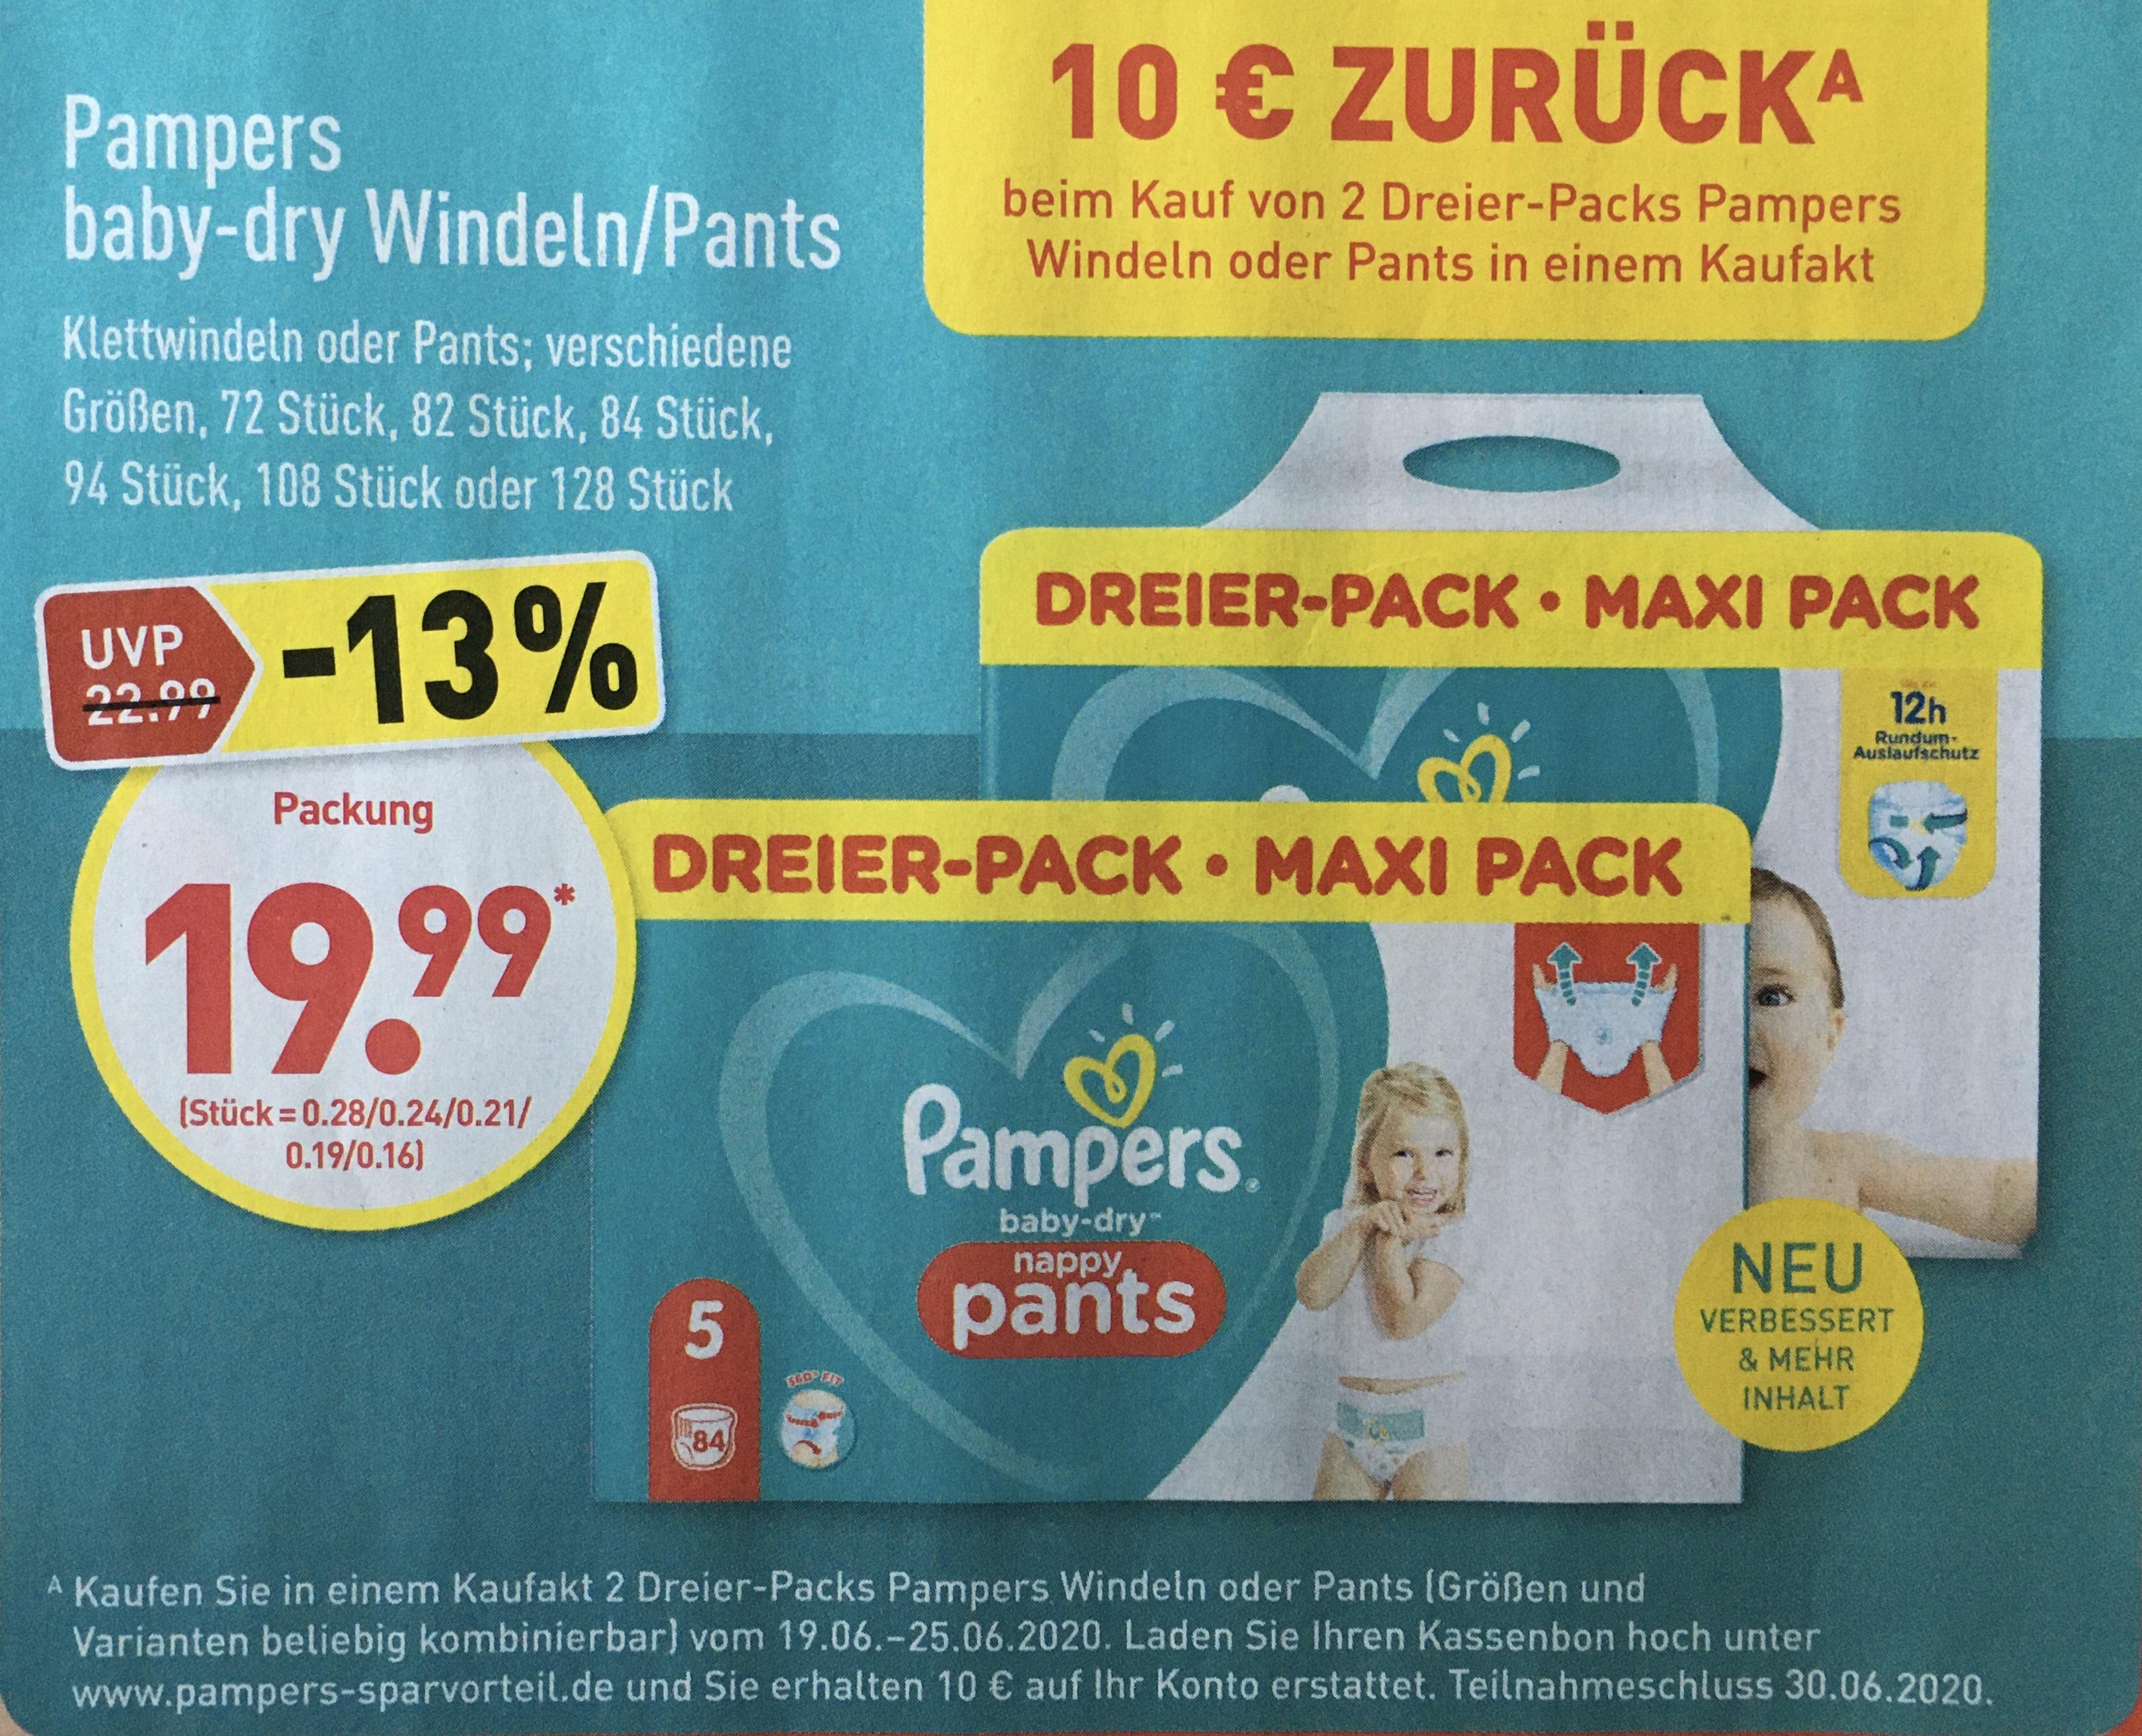 Pampers baby dry Windeln/Pants Maxi Pack, 10€ Rabatt bei Kauf von 2 Stück, ab 19.06. [ALDI-NORD]